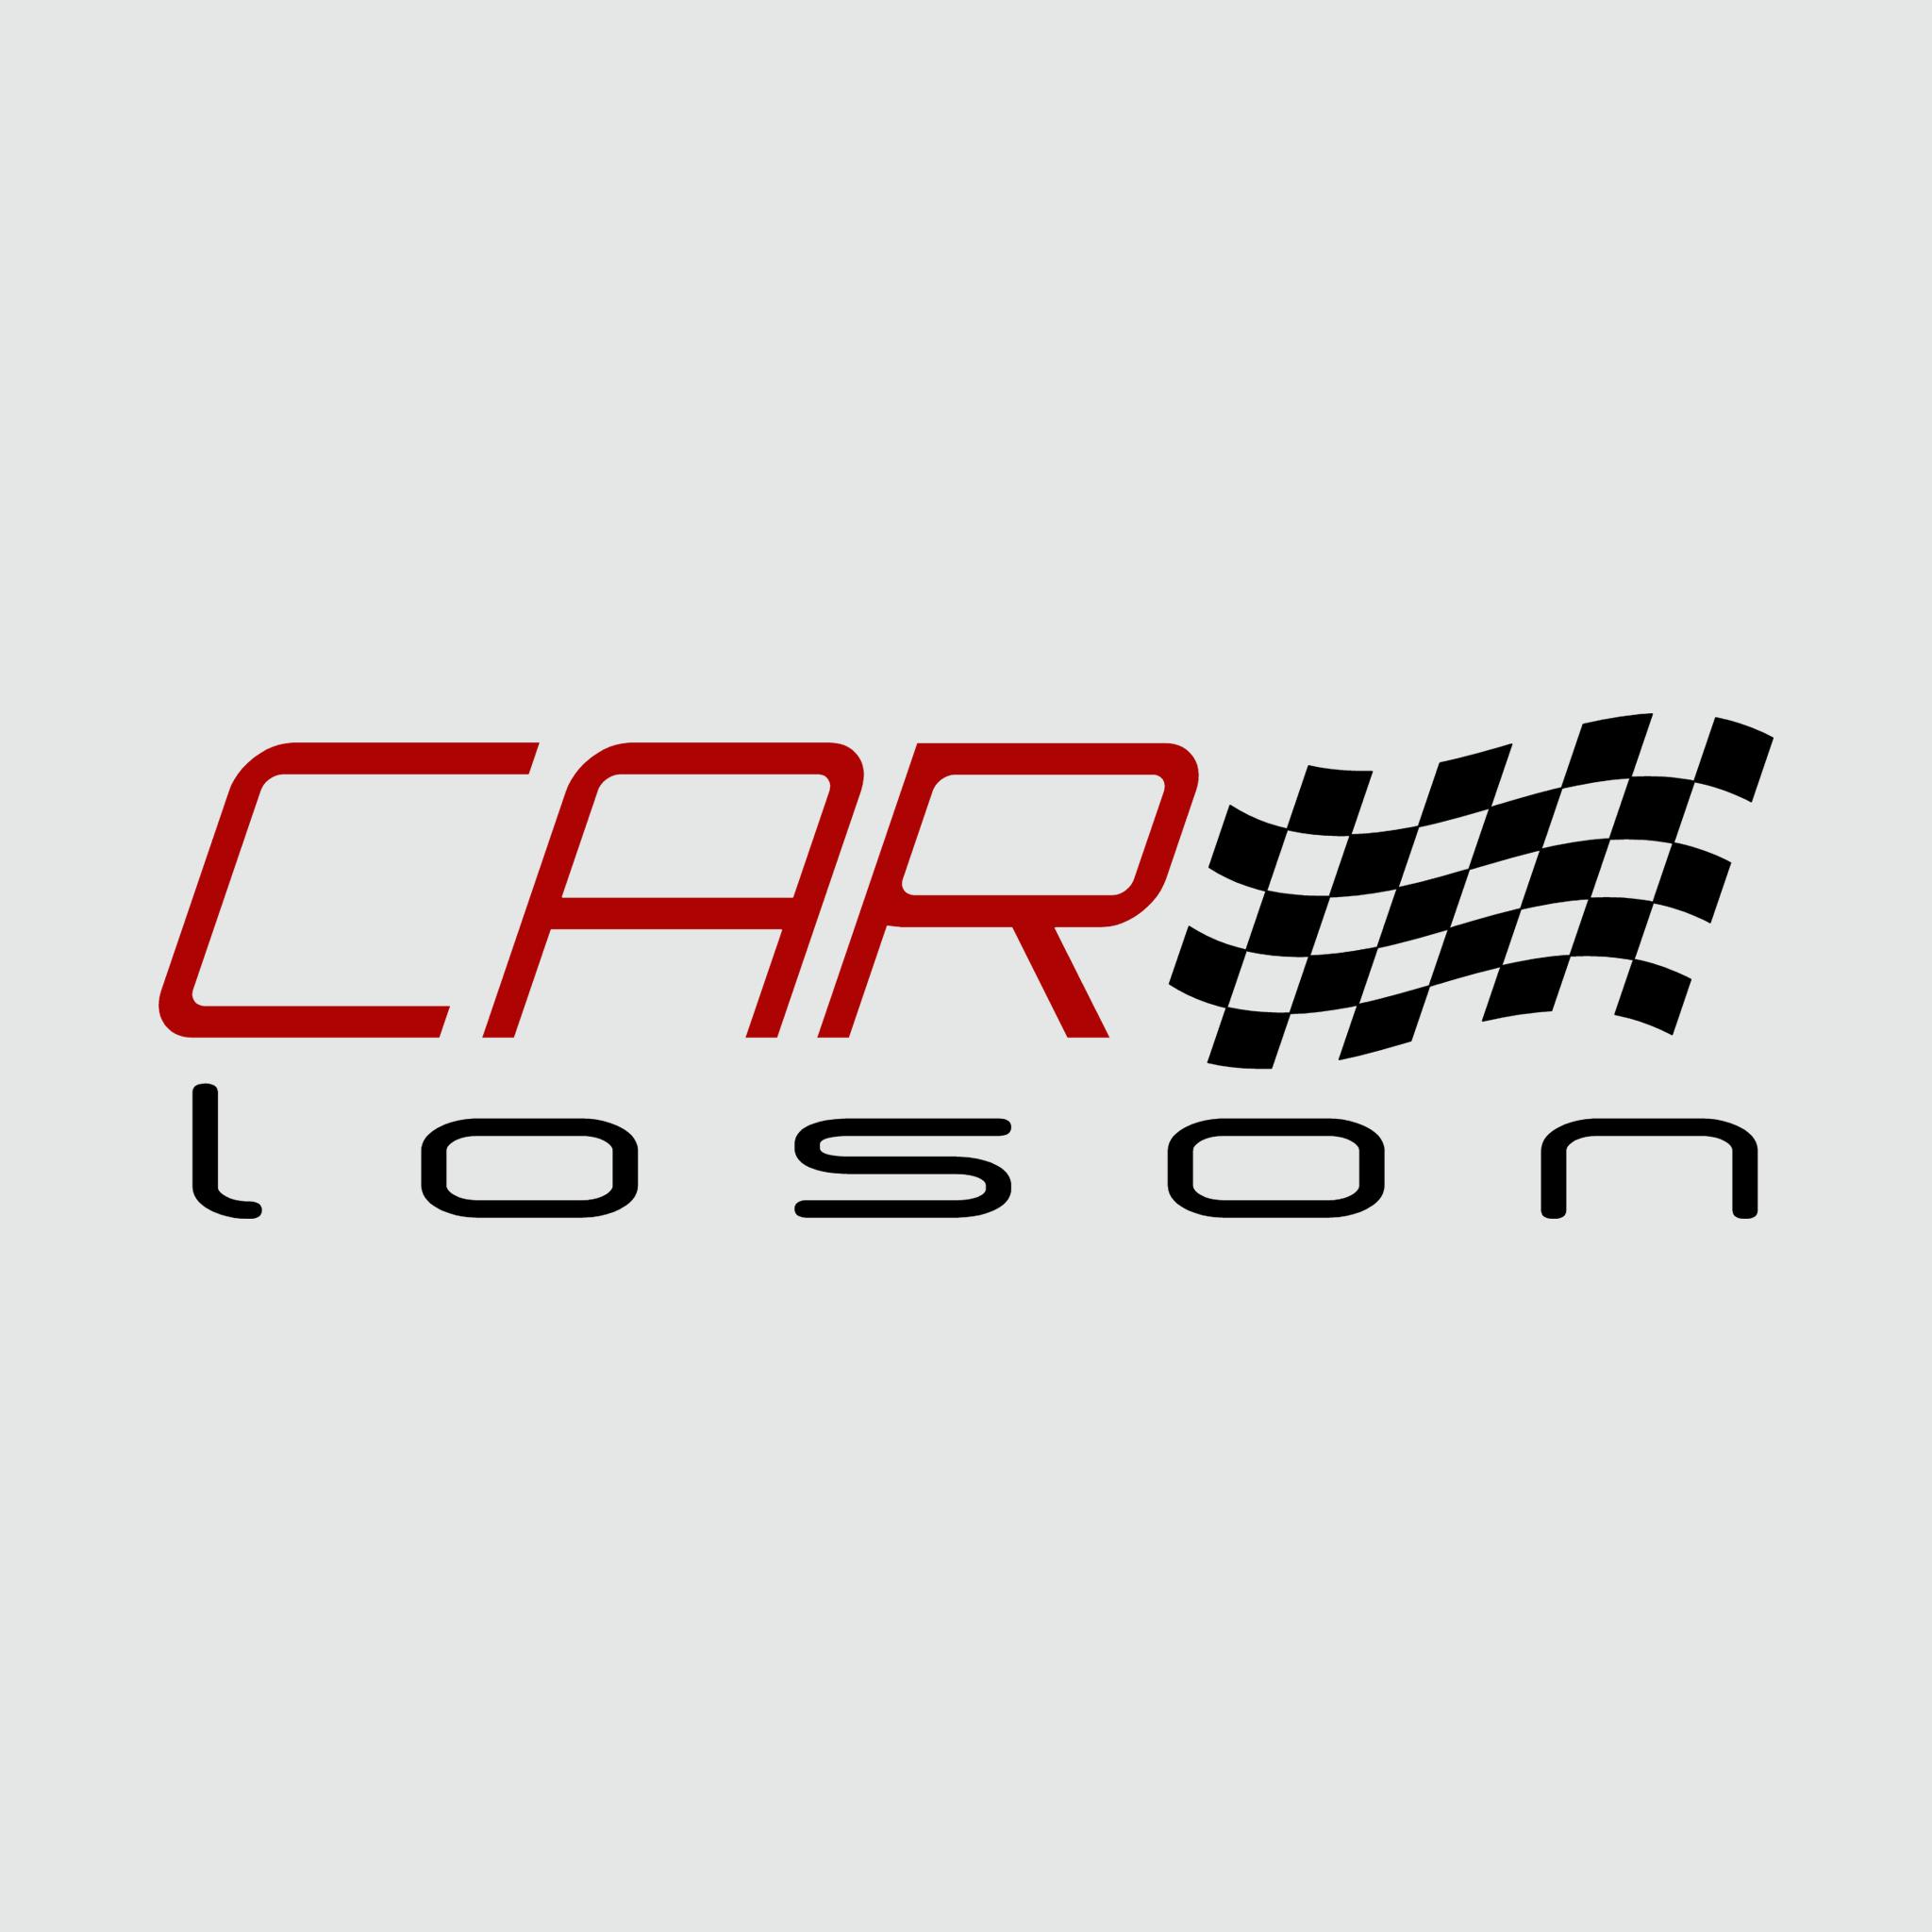 Логотип для компании по прокату  VIP автомобилей фото f_5675ad2082c618ed.png